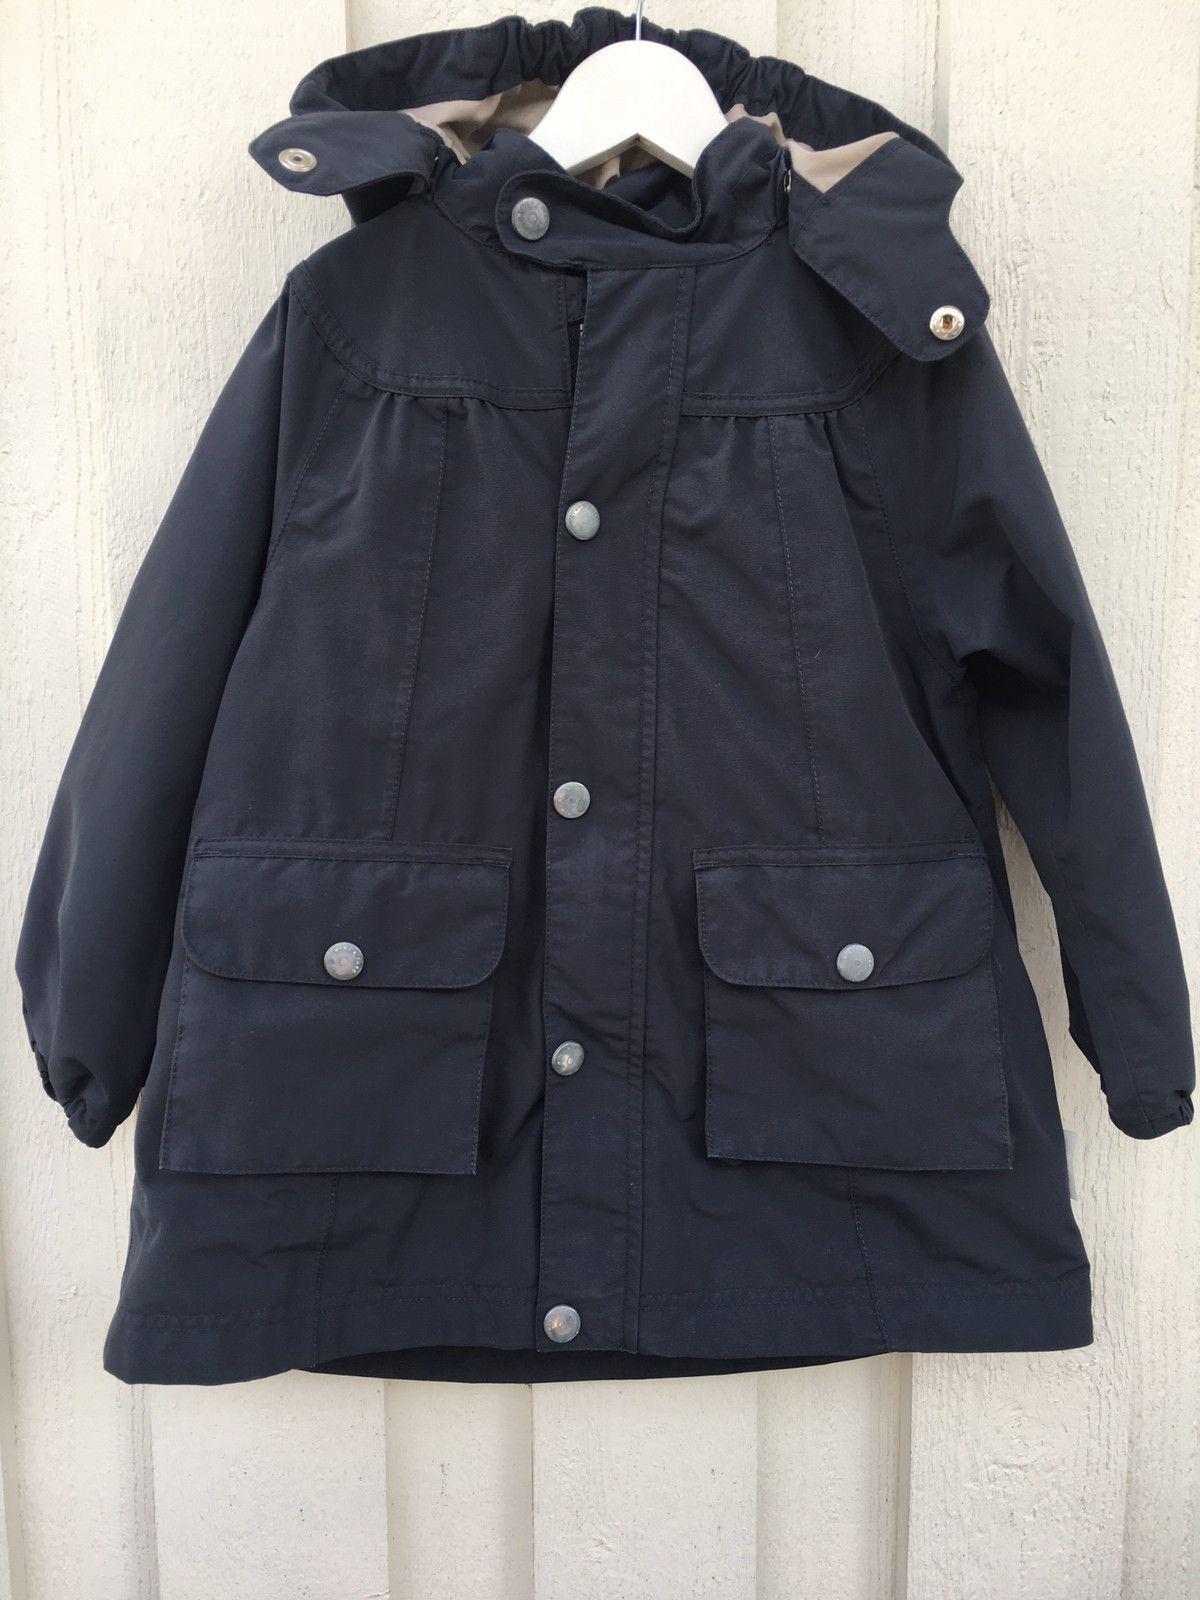 Mini A Ture Wilda jakke, vår høstjakke. Størrelse 5 år